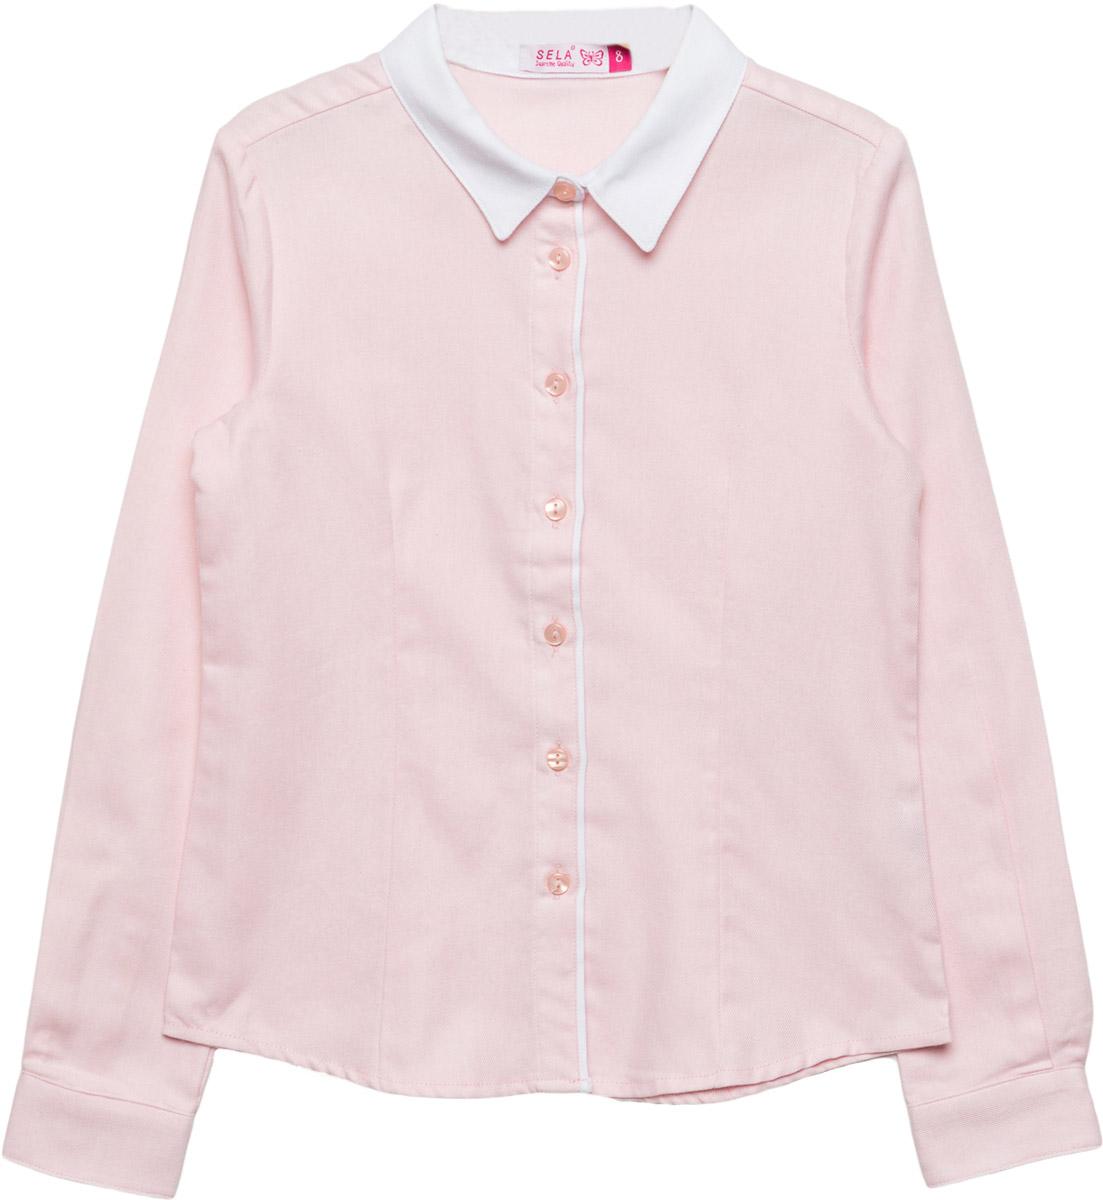 Блузка для девочки Sela, цвет: розовый. B-612/860-7320. Размер 152, 12 летB-612/860-7320Классическая блузка Sela для девочки выполнена из высококачественного материала. Модель с отложным воротником и длинными рукавами застегивается на пуговицы.